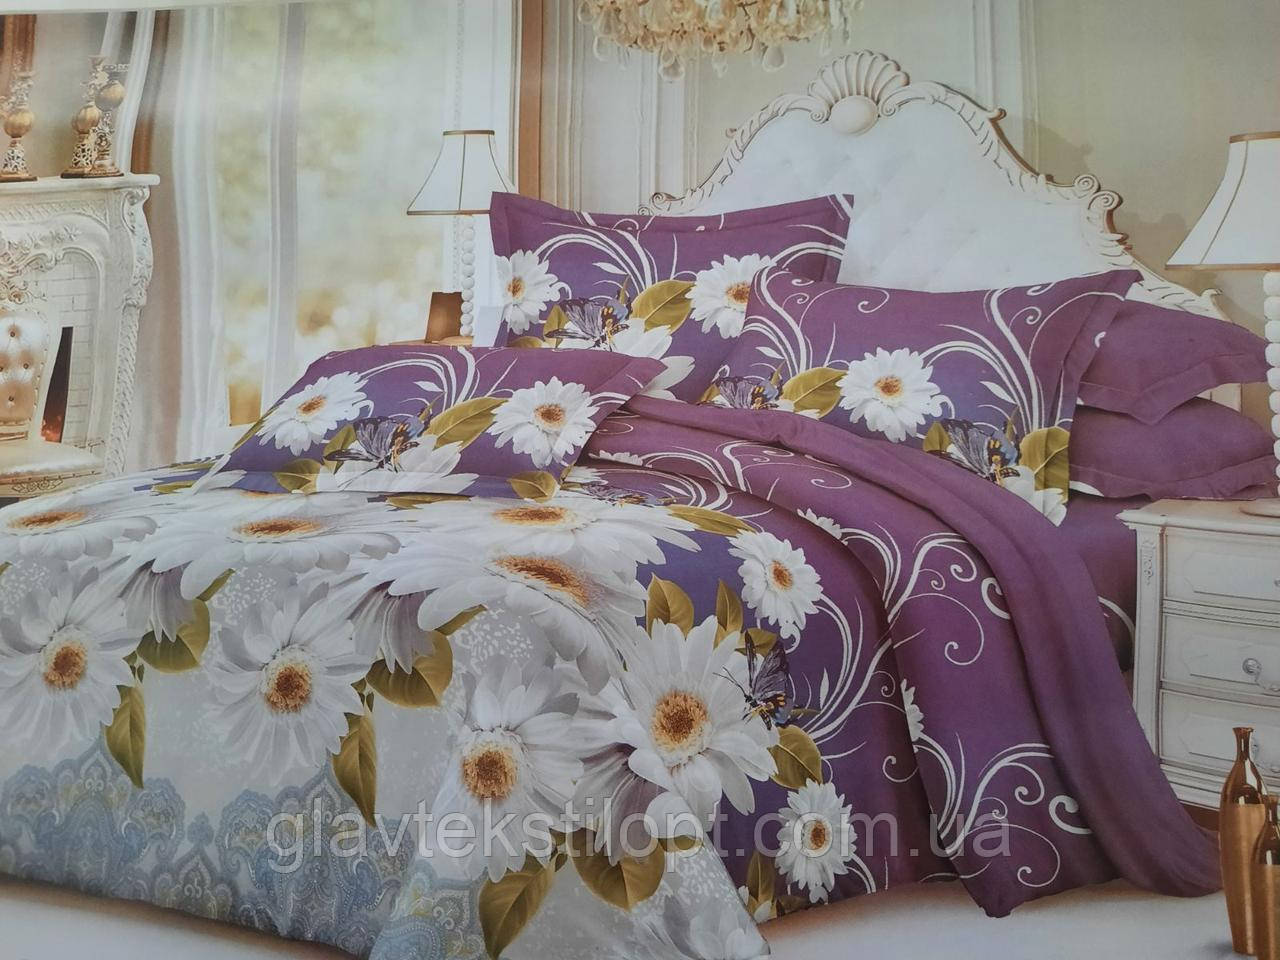 Комплект постельного белья Бязевый двуспальный ТМ ГлавТекстиль